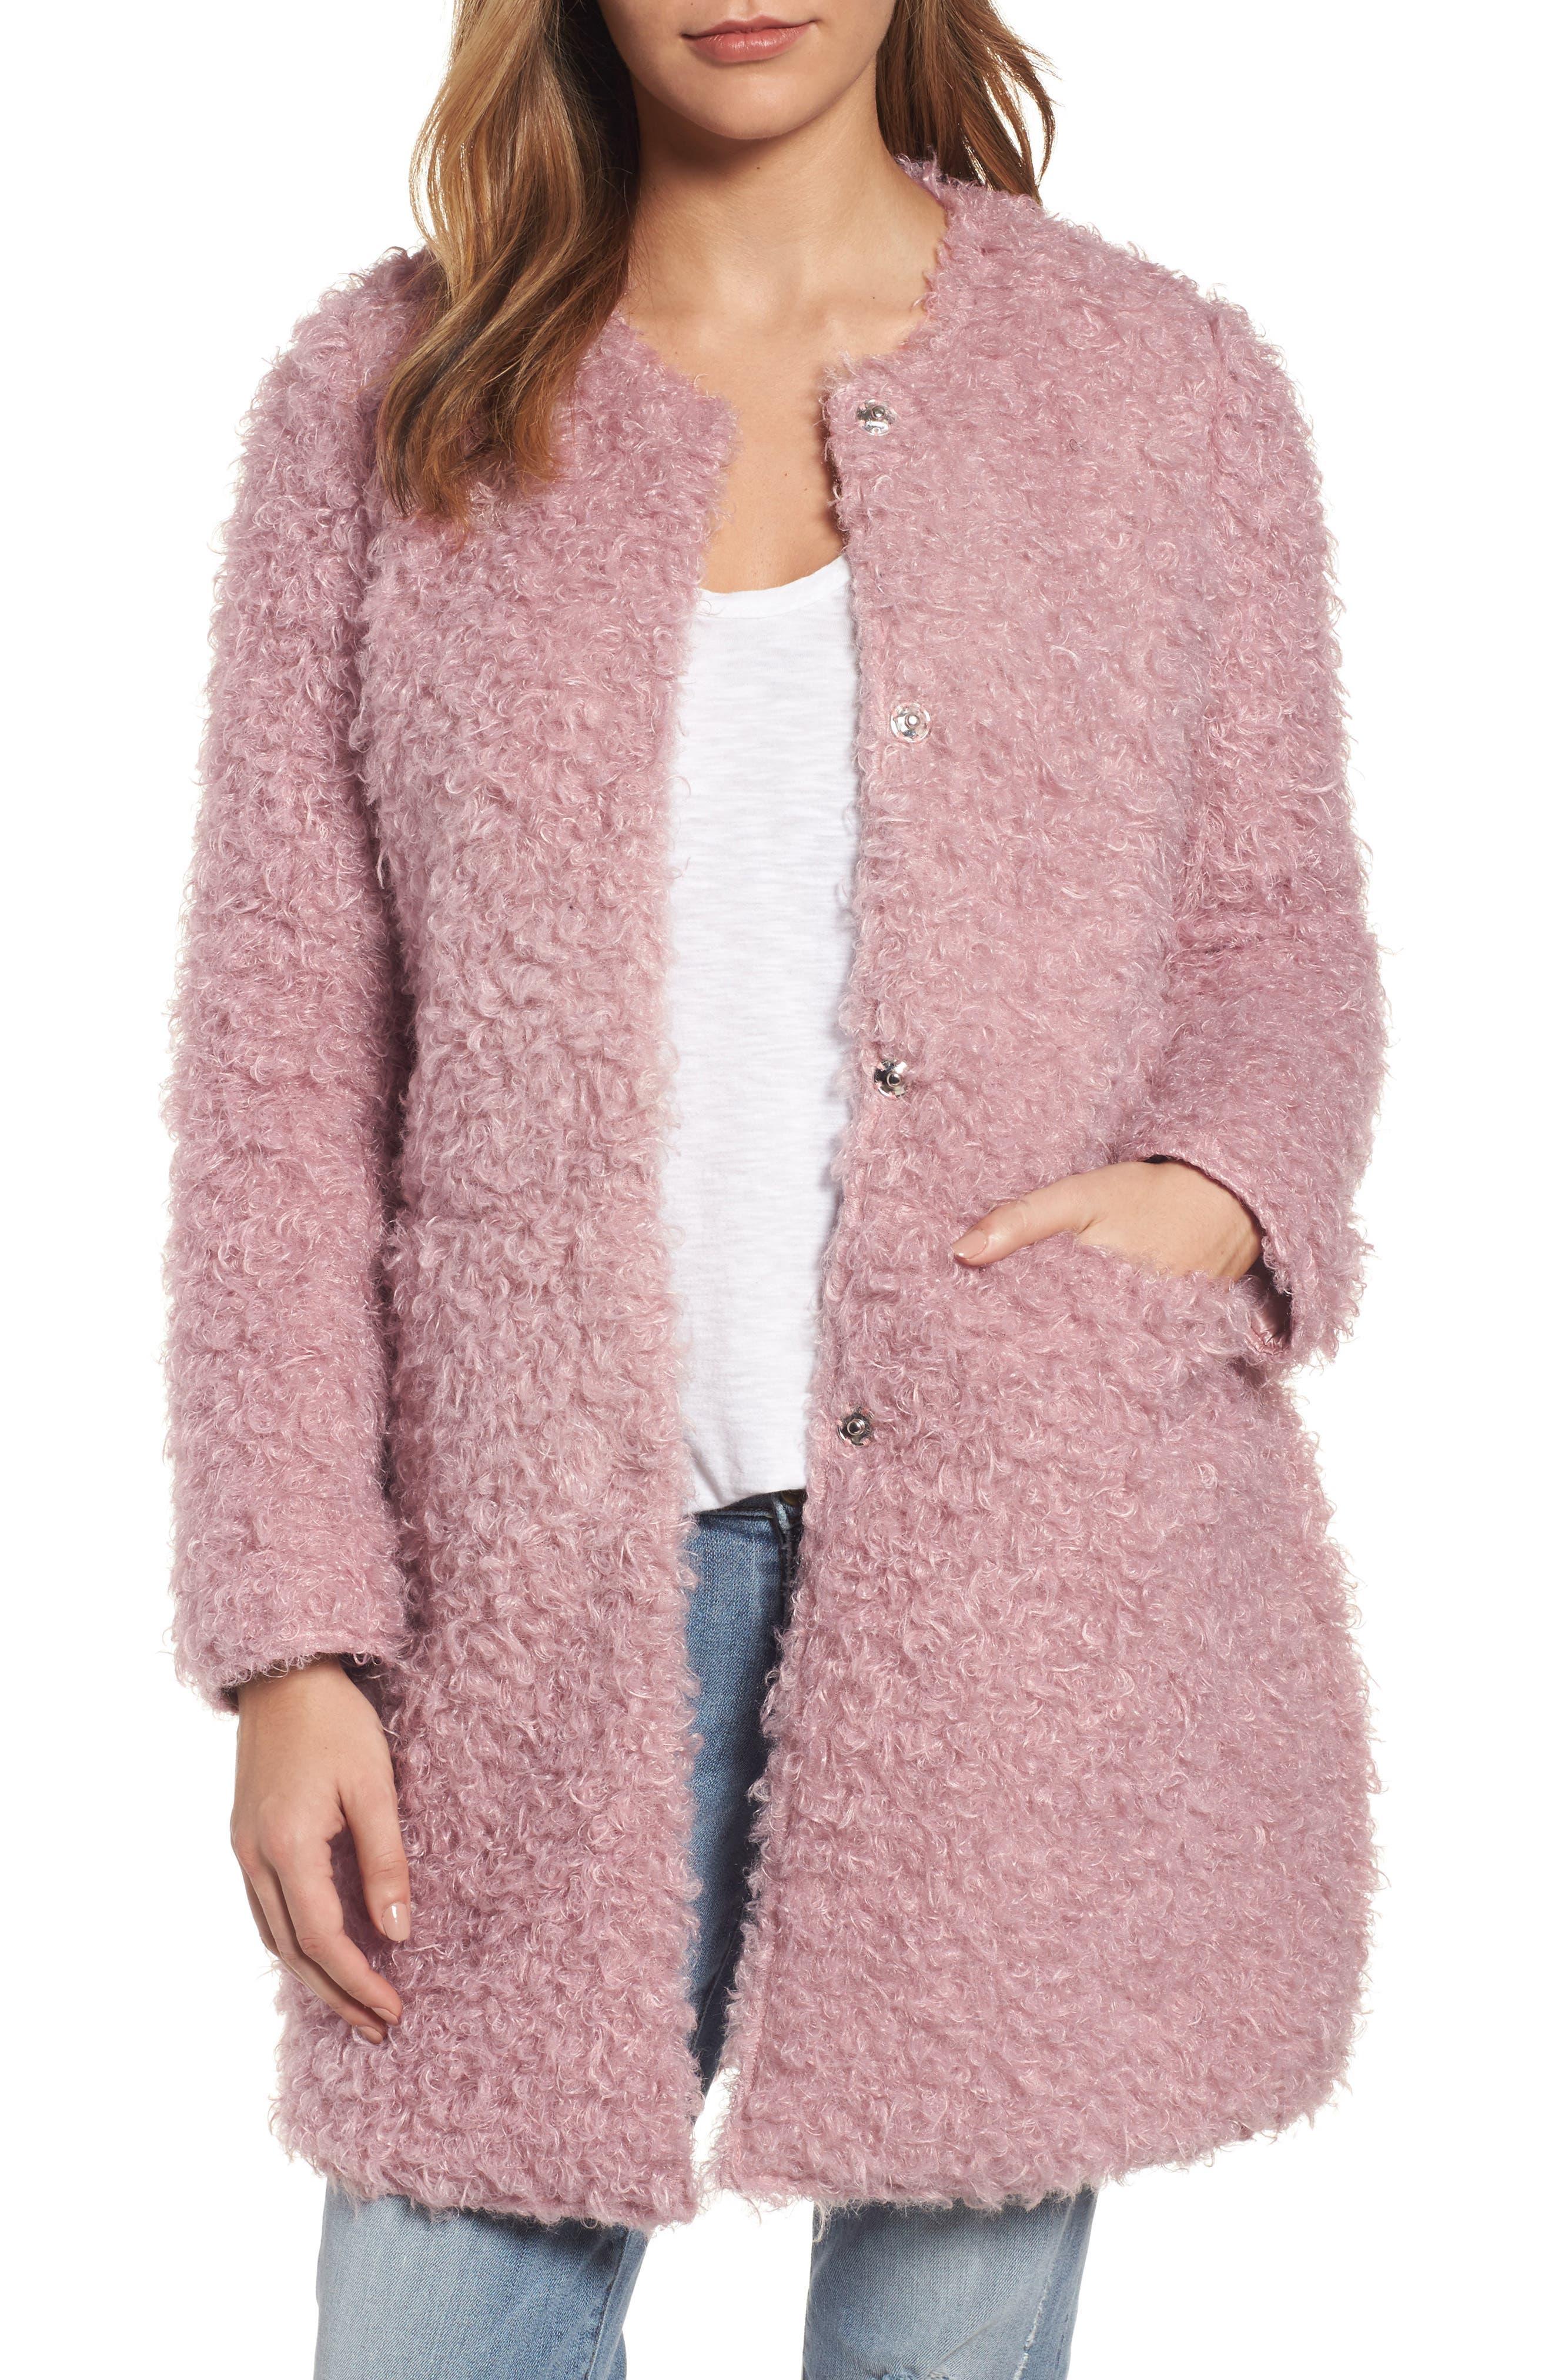 Via Spiga Reversible Faux Fur Coat